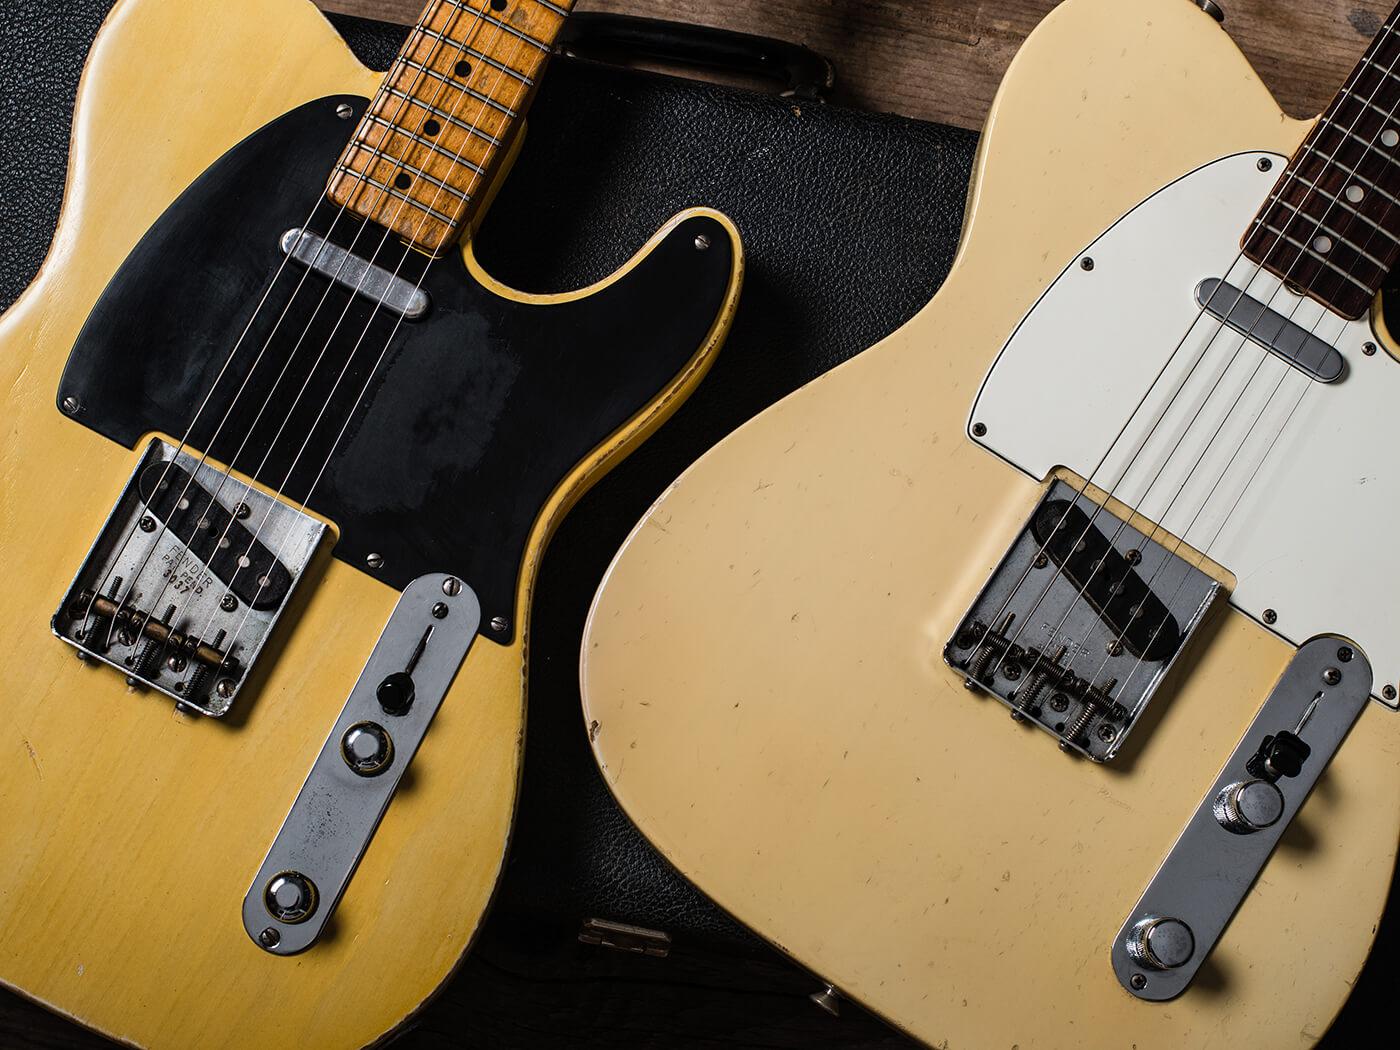 Vintage Bench Test: Fender Telecaster shootout